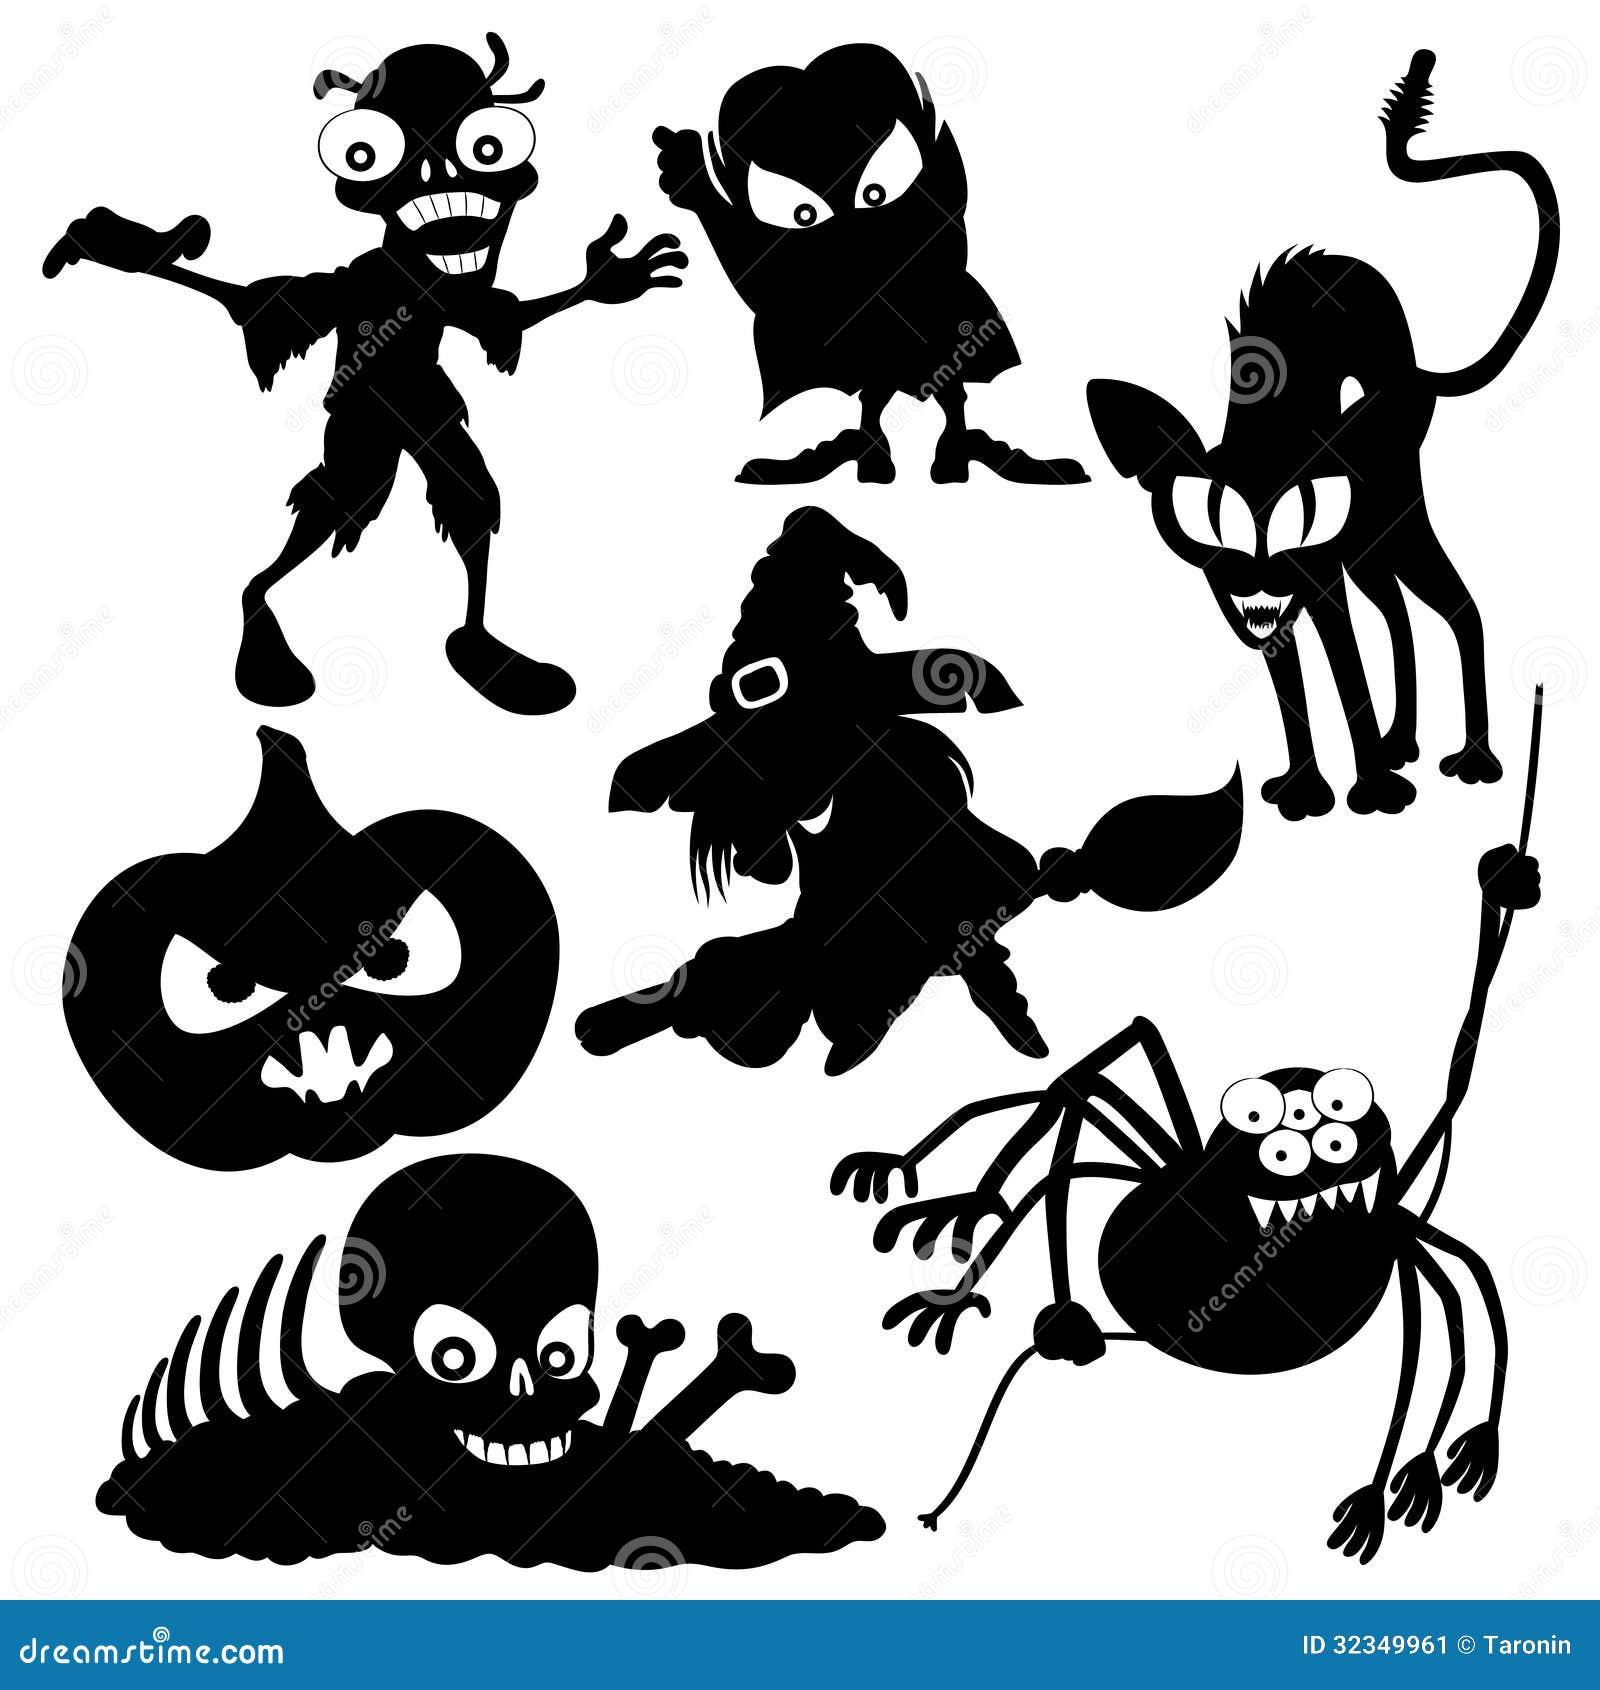 imagens dos gatos pretos do halloween para colorir